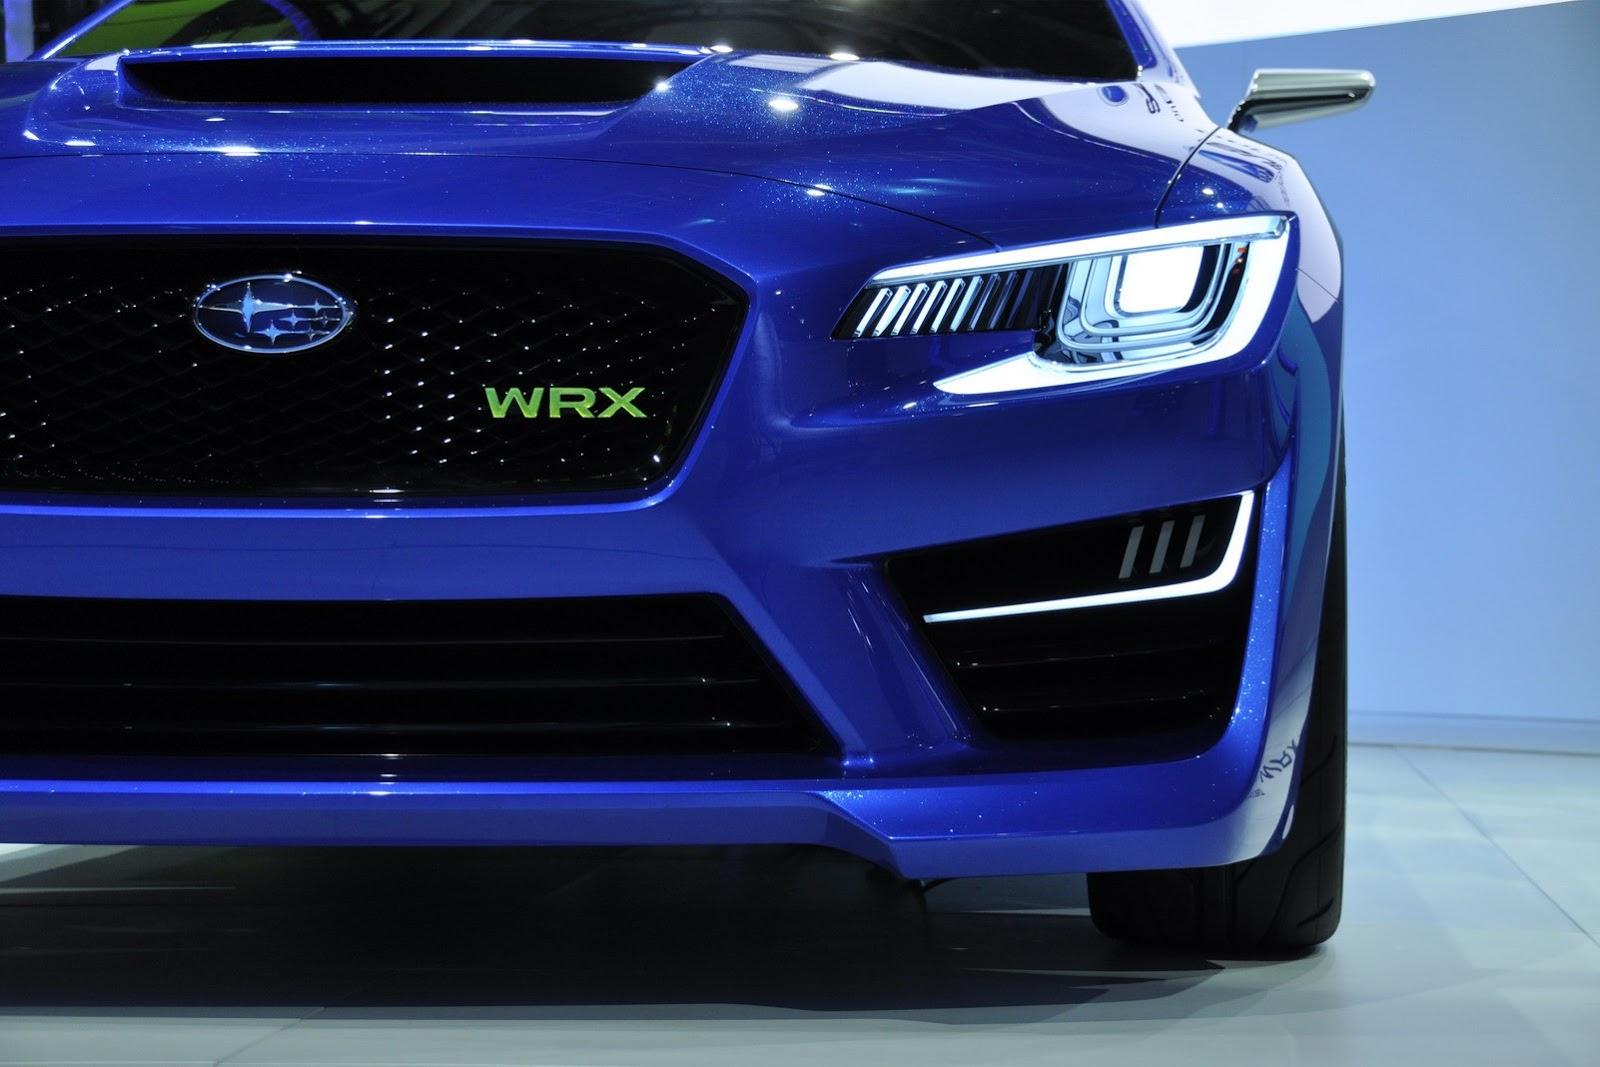 Subaru-WRX-Concept005.jpg